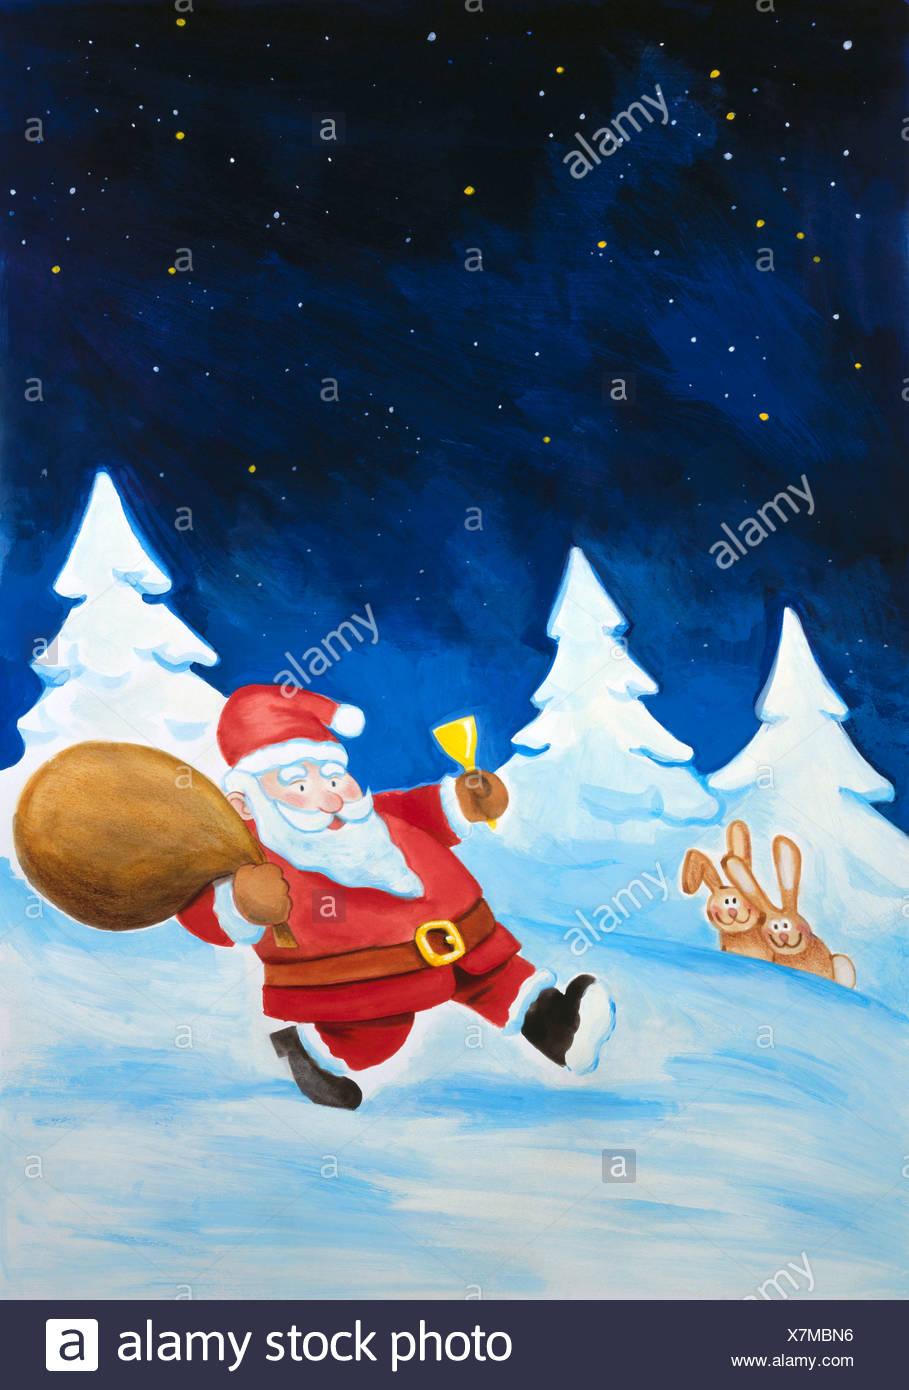 Der Weihnachtsmann bringt Geschenke, Abbildung Stockbild